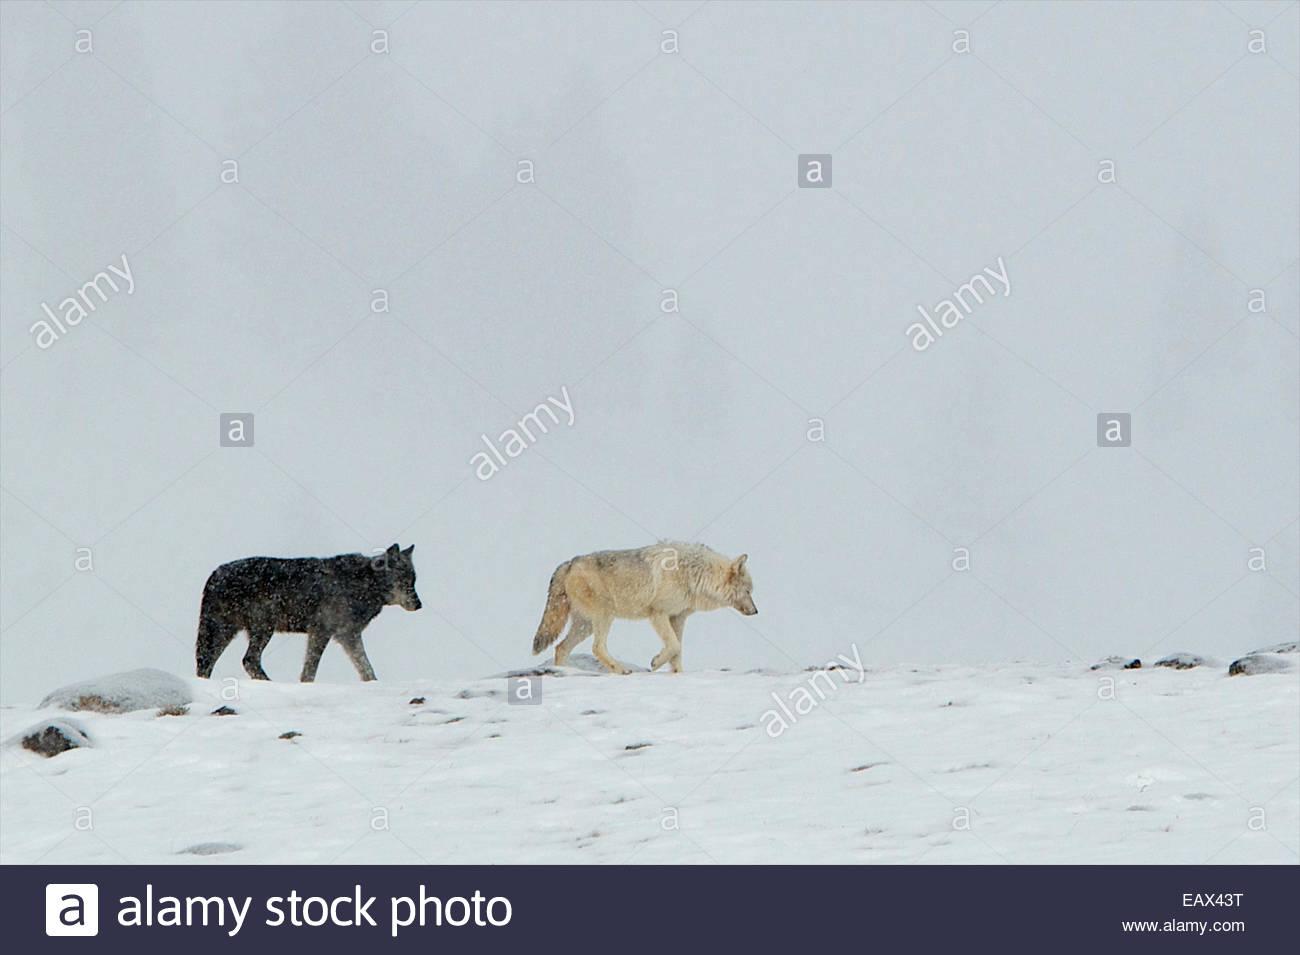 Un lobo blanco y negro caminar por la cresta en una tormenta de nieve. Imagen De Stock